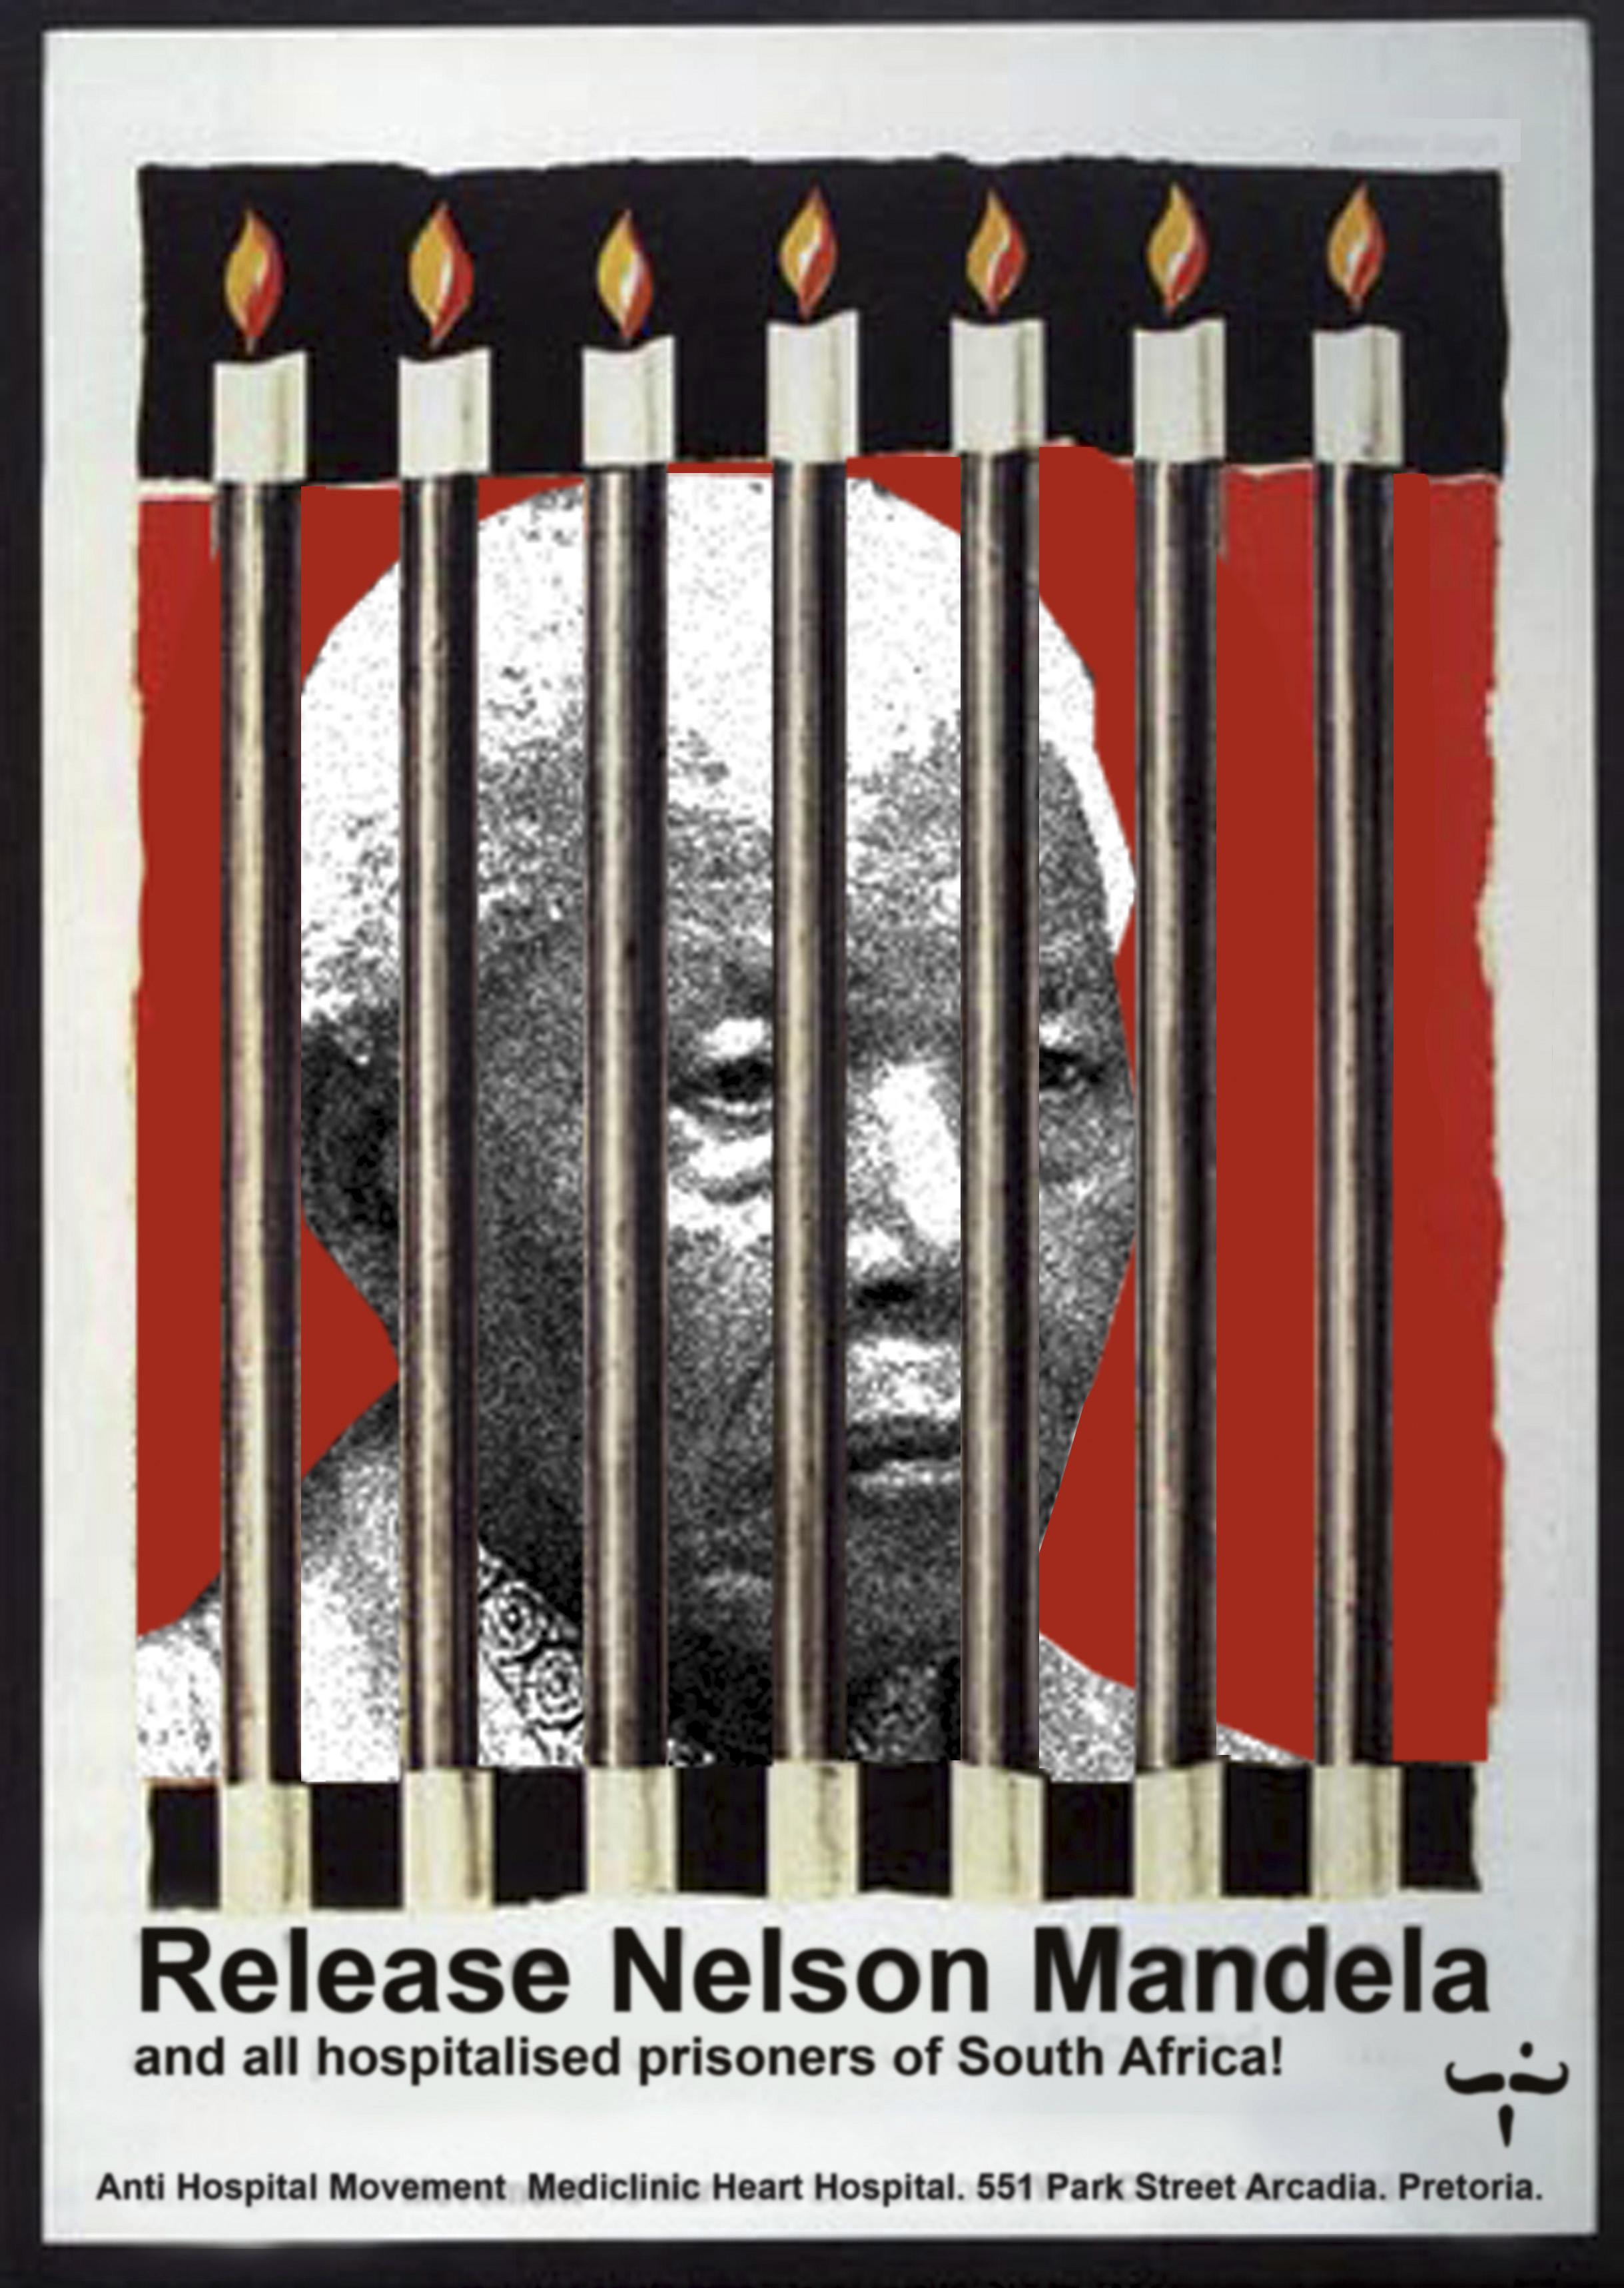 Release Nelson Mandela